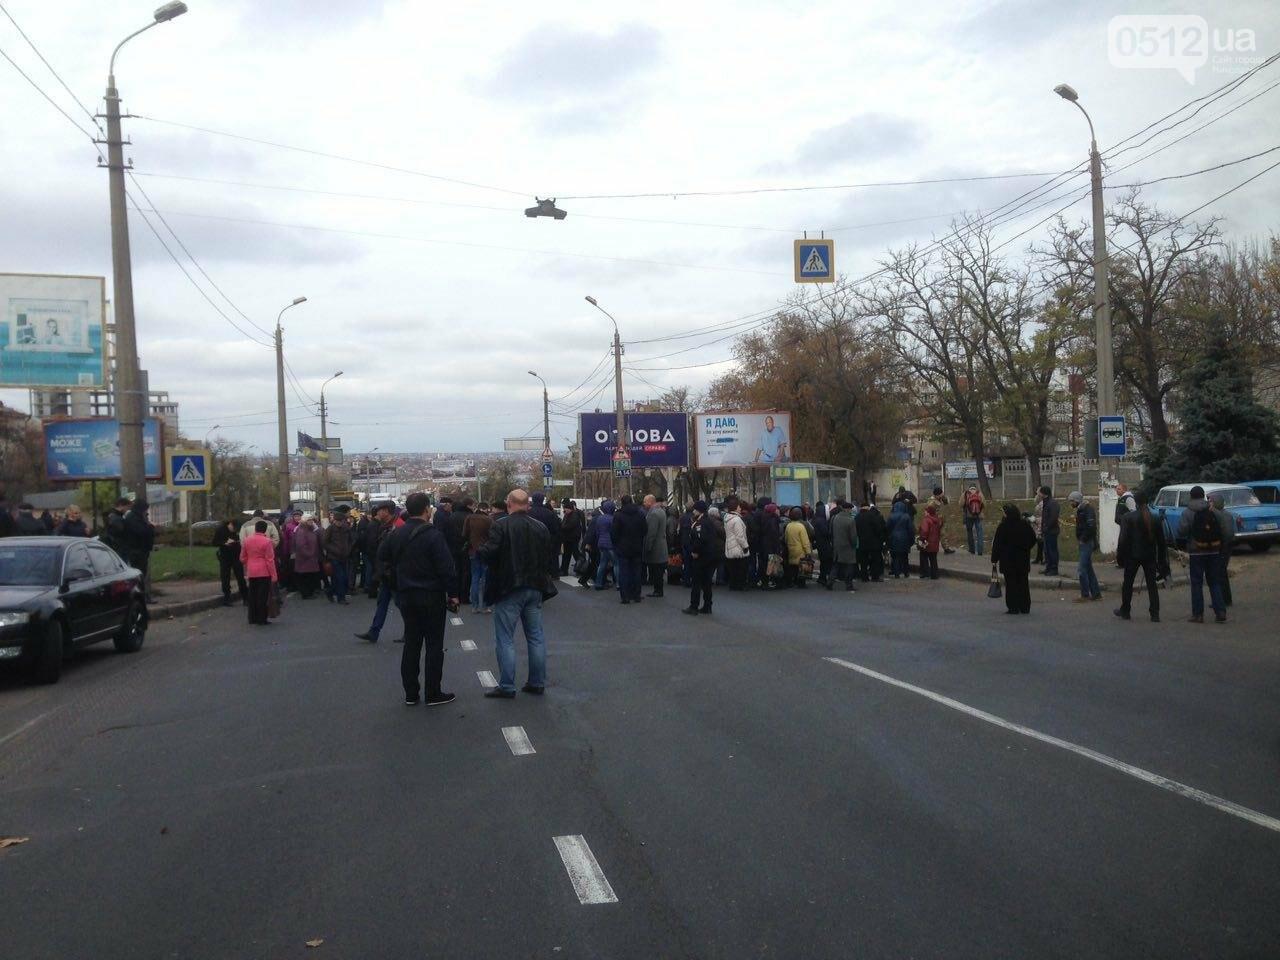 Из-за митинга на Варваровском мосту в Николаеве образовалась большая пробка (ФОТО, ВИДЕО), фото-3